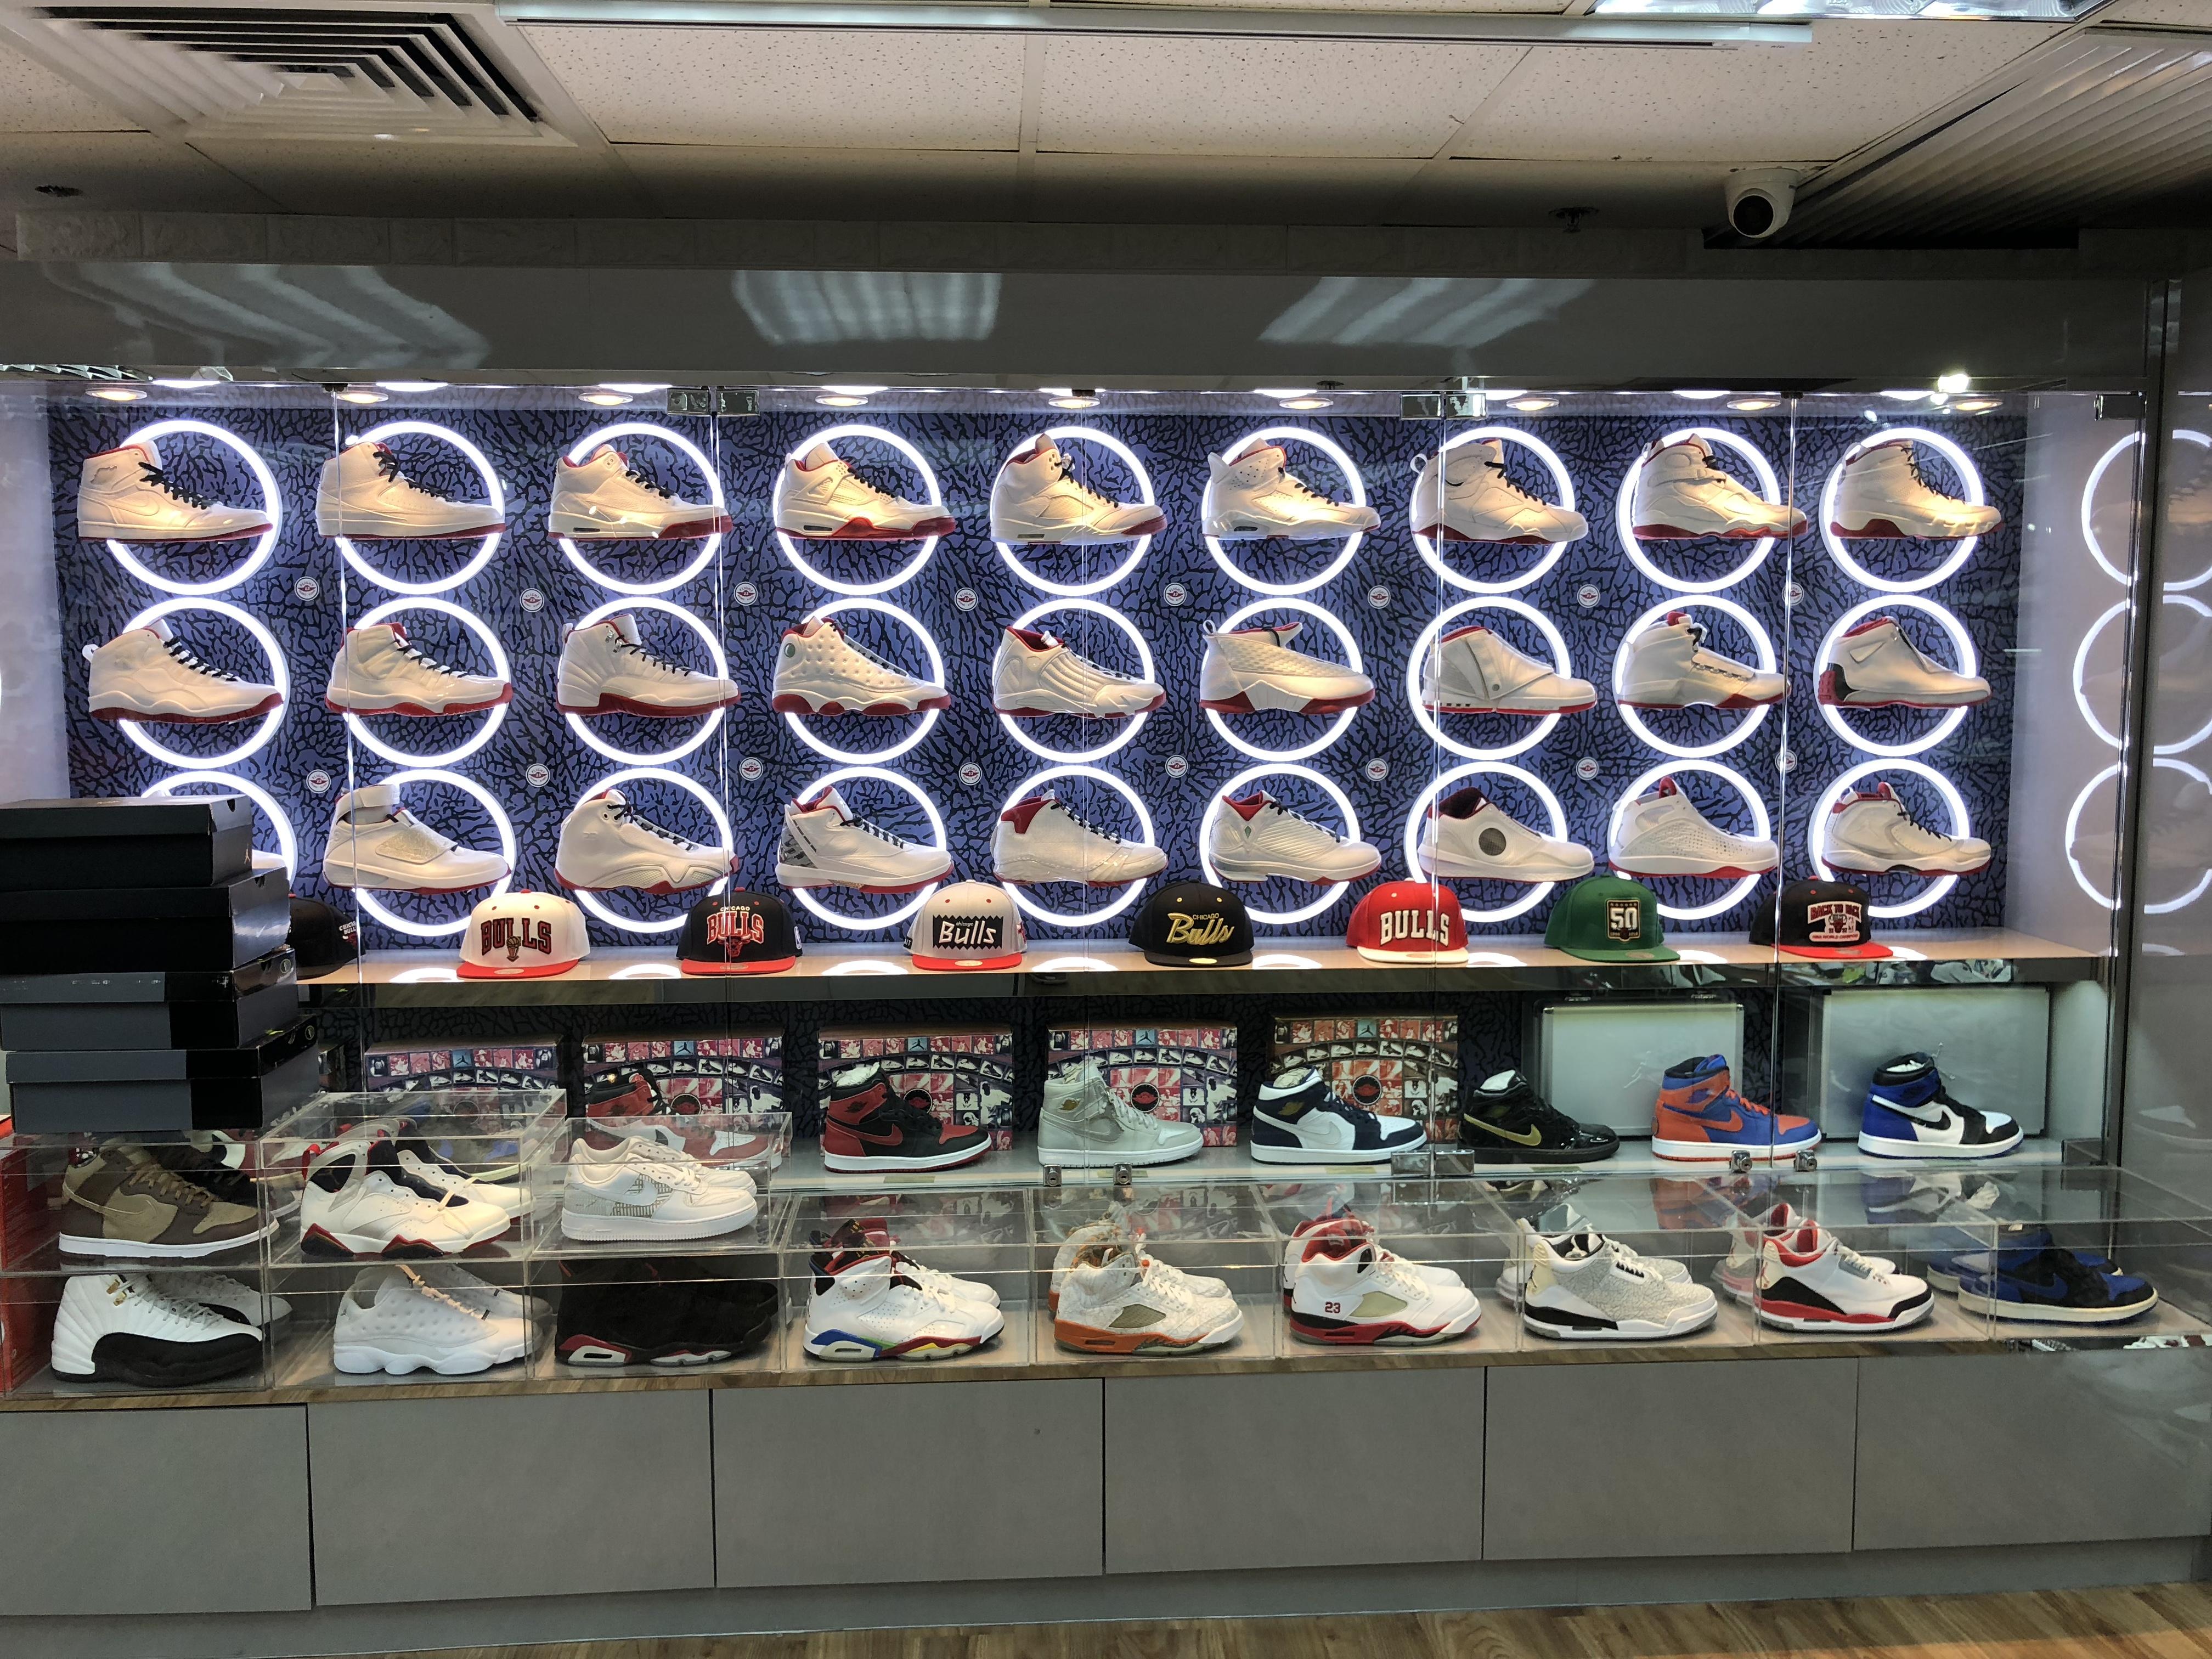 香港のスニーカーヘッズが集う場所 #モンコック #秘密のビル